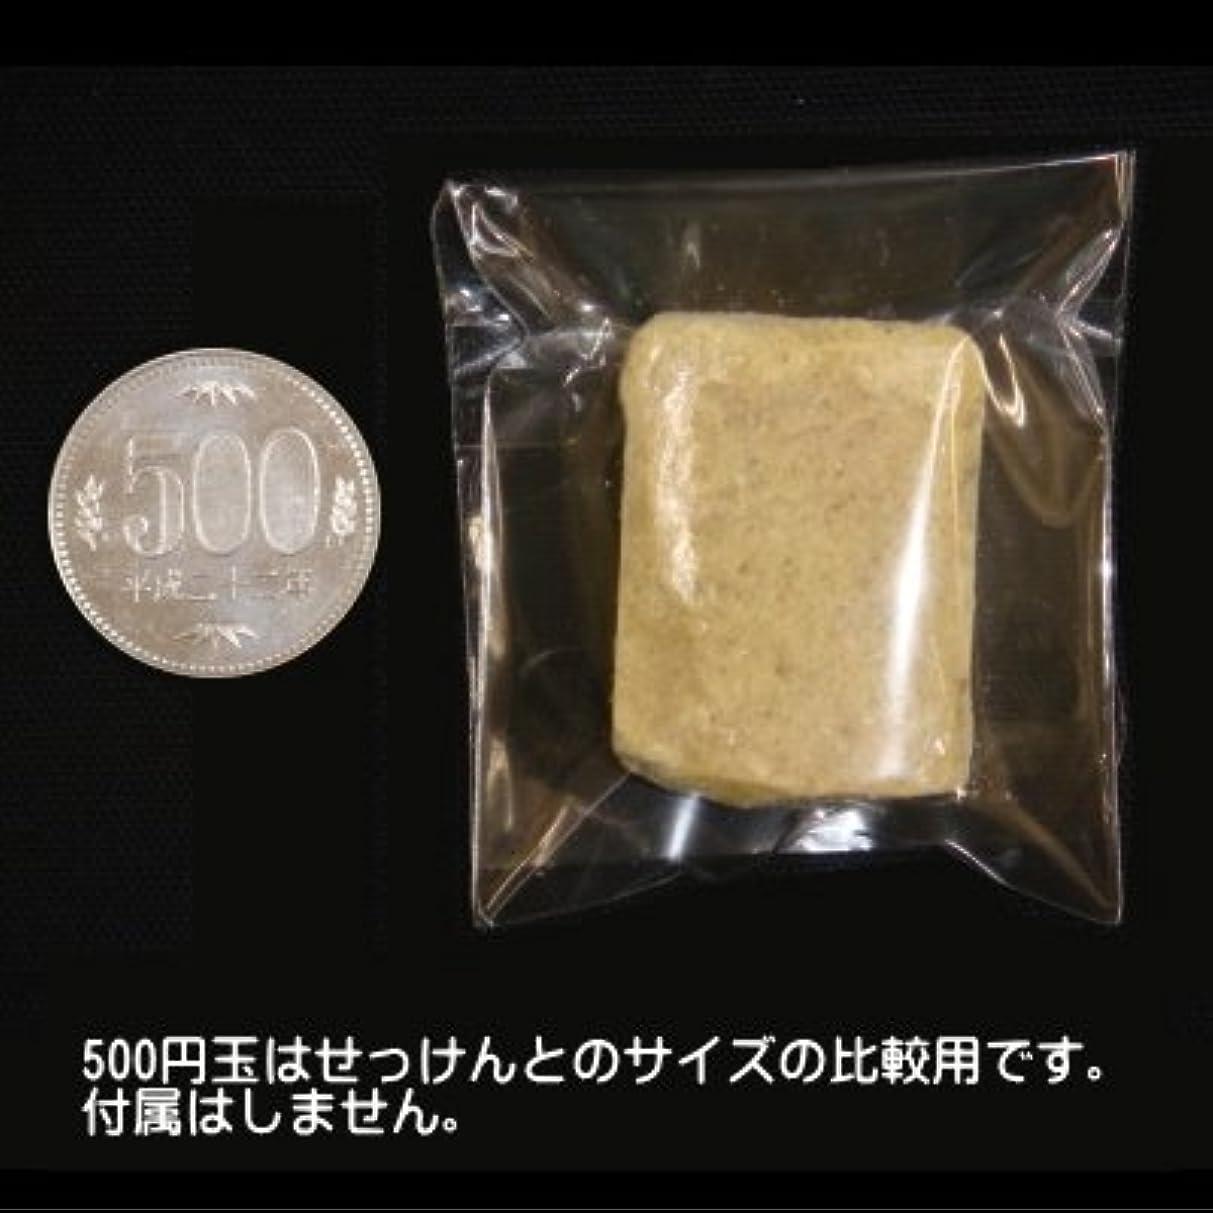 蛇行バタフライ電気陽性緑茶ノニ石鹸 てづくり野にせっけんお試し用12g(無添加石鹸)